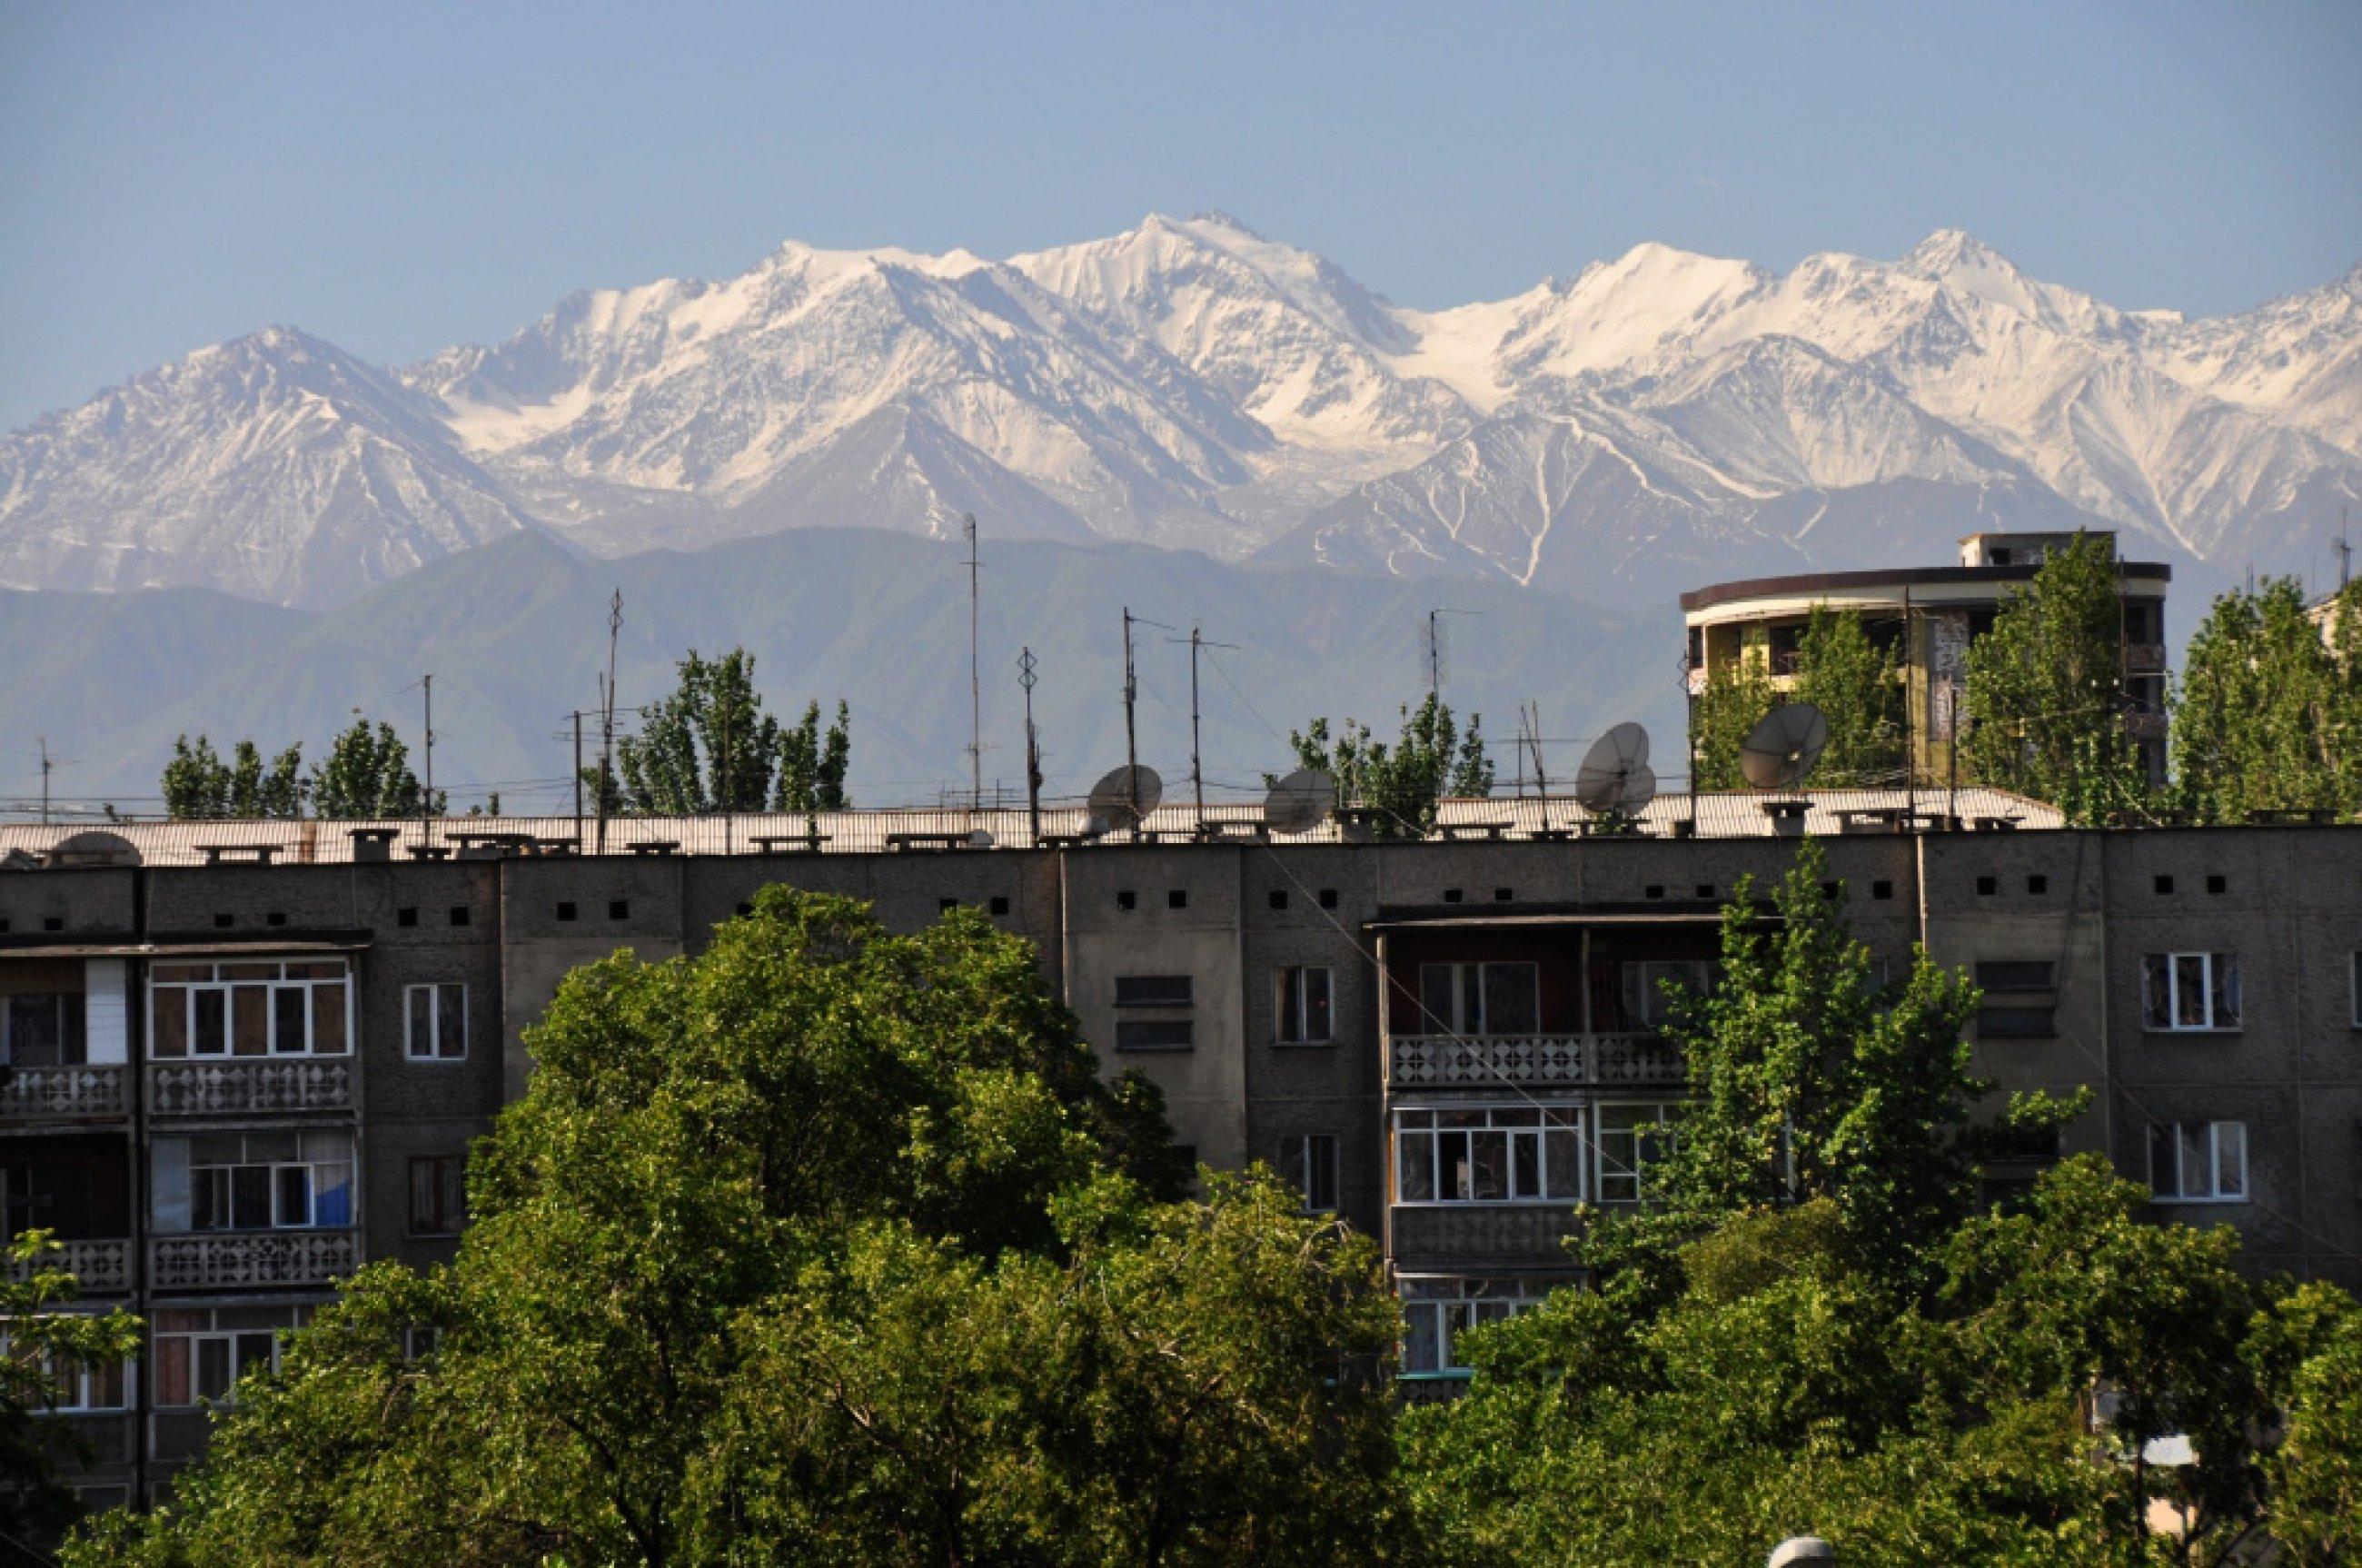 https://bubo.sk/uploads/galleries/3470/kirgizstan-02.jpg